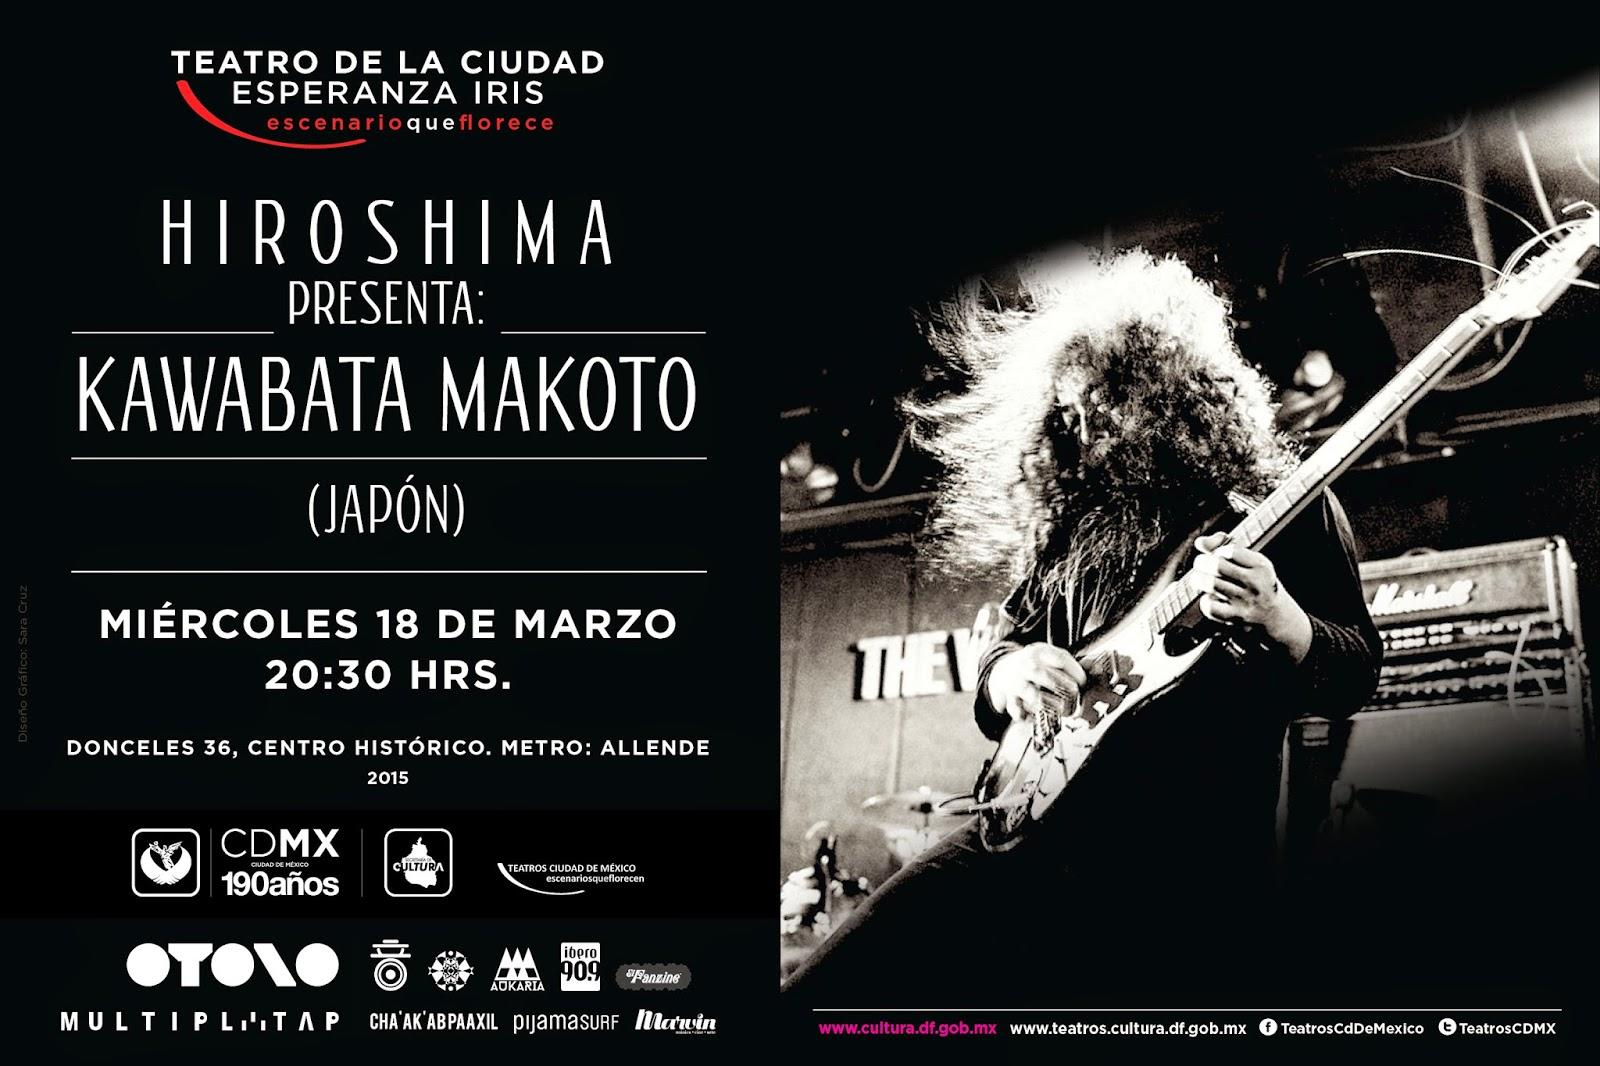 Se presenta Kawabata Makoto en el Teatro de la Ciudad Esperanza Iris